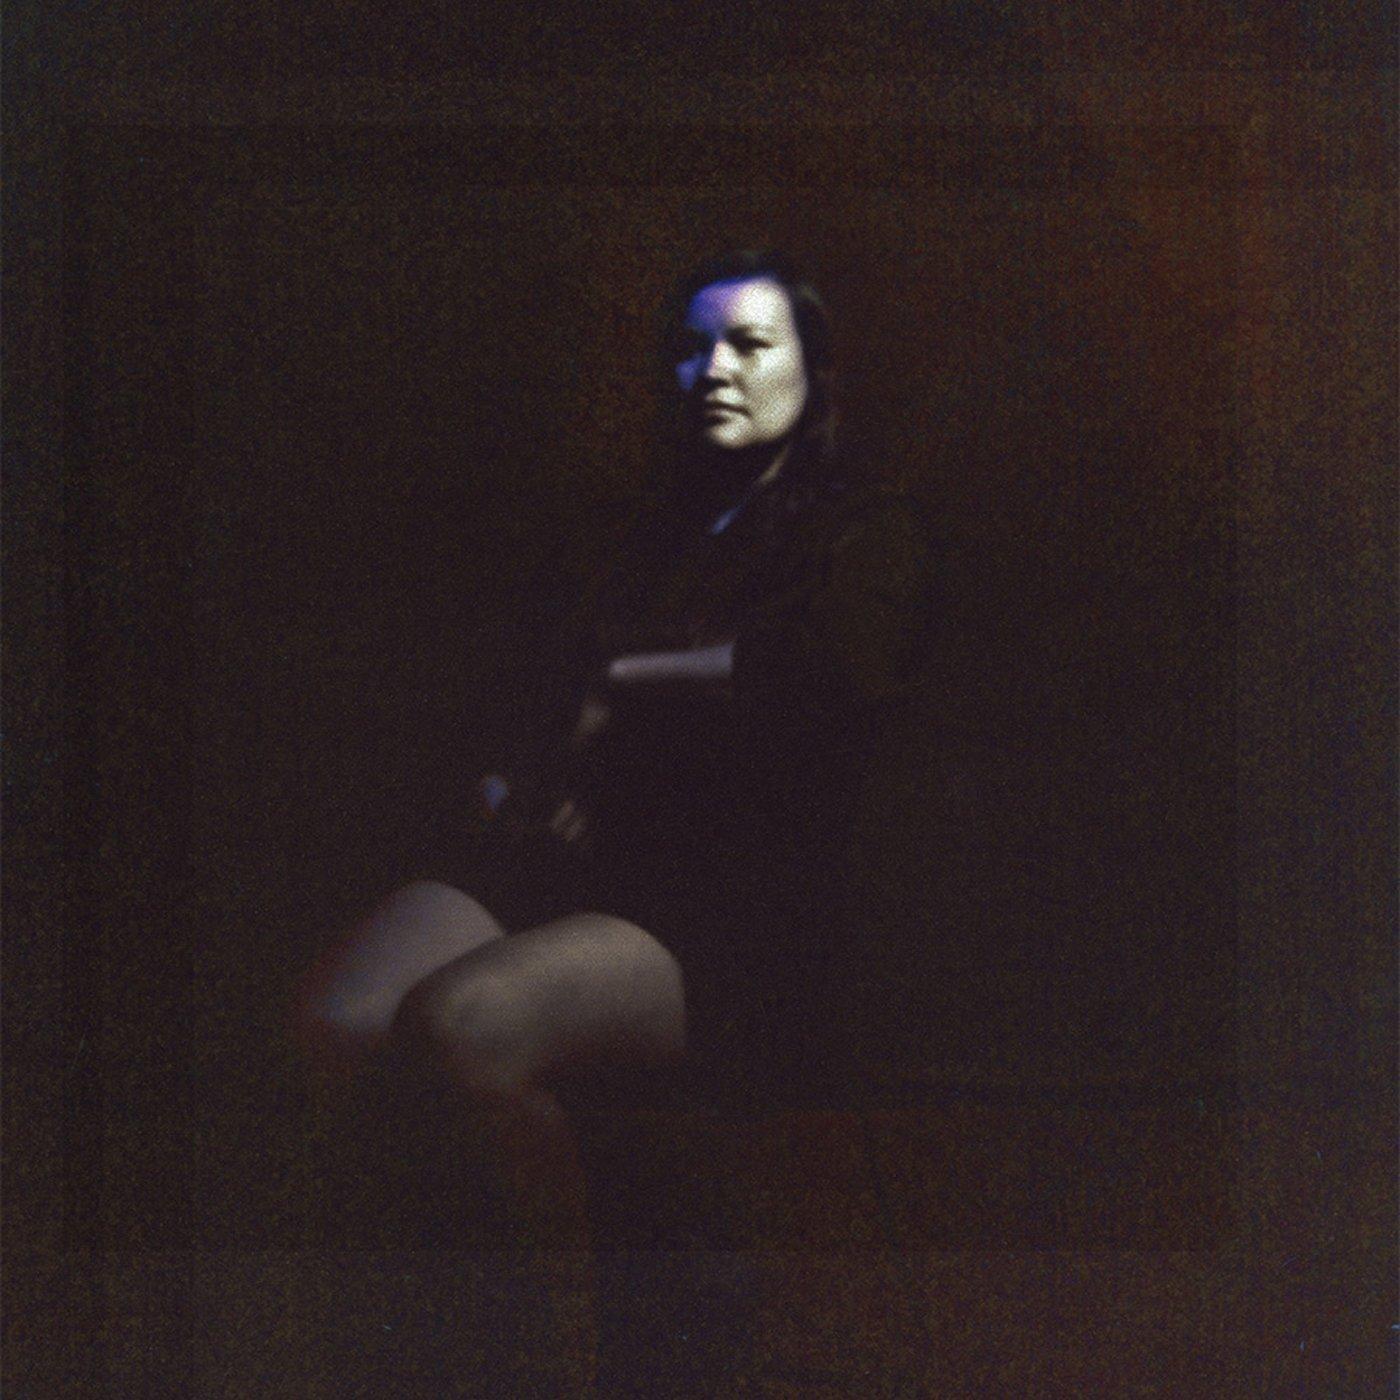 Vinilo : Suuns - Hold / Still (LP Vinyl)